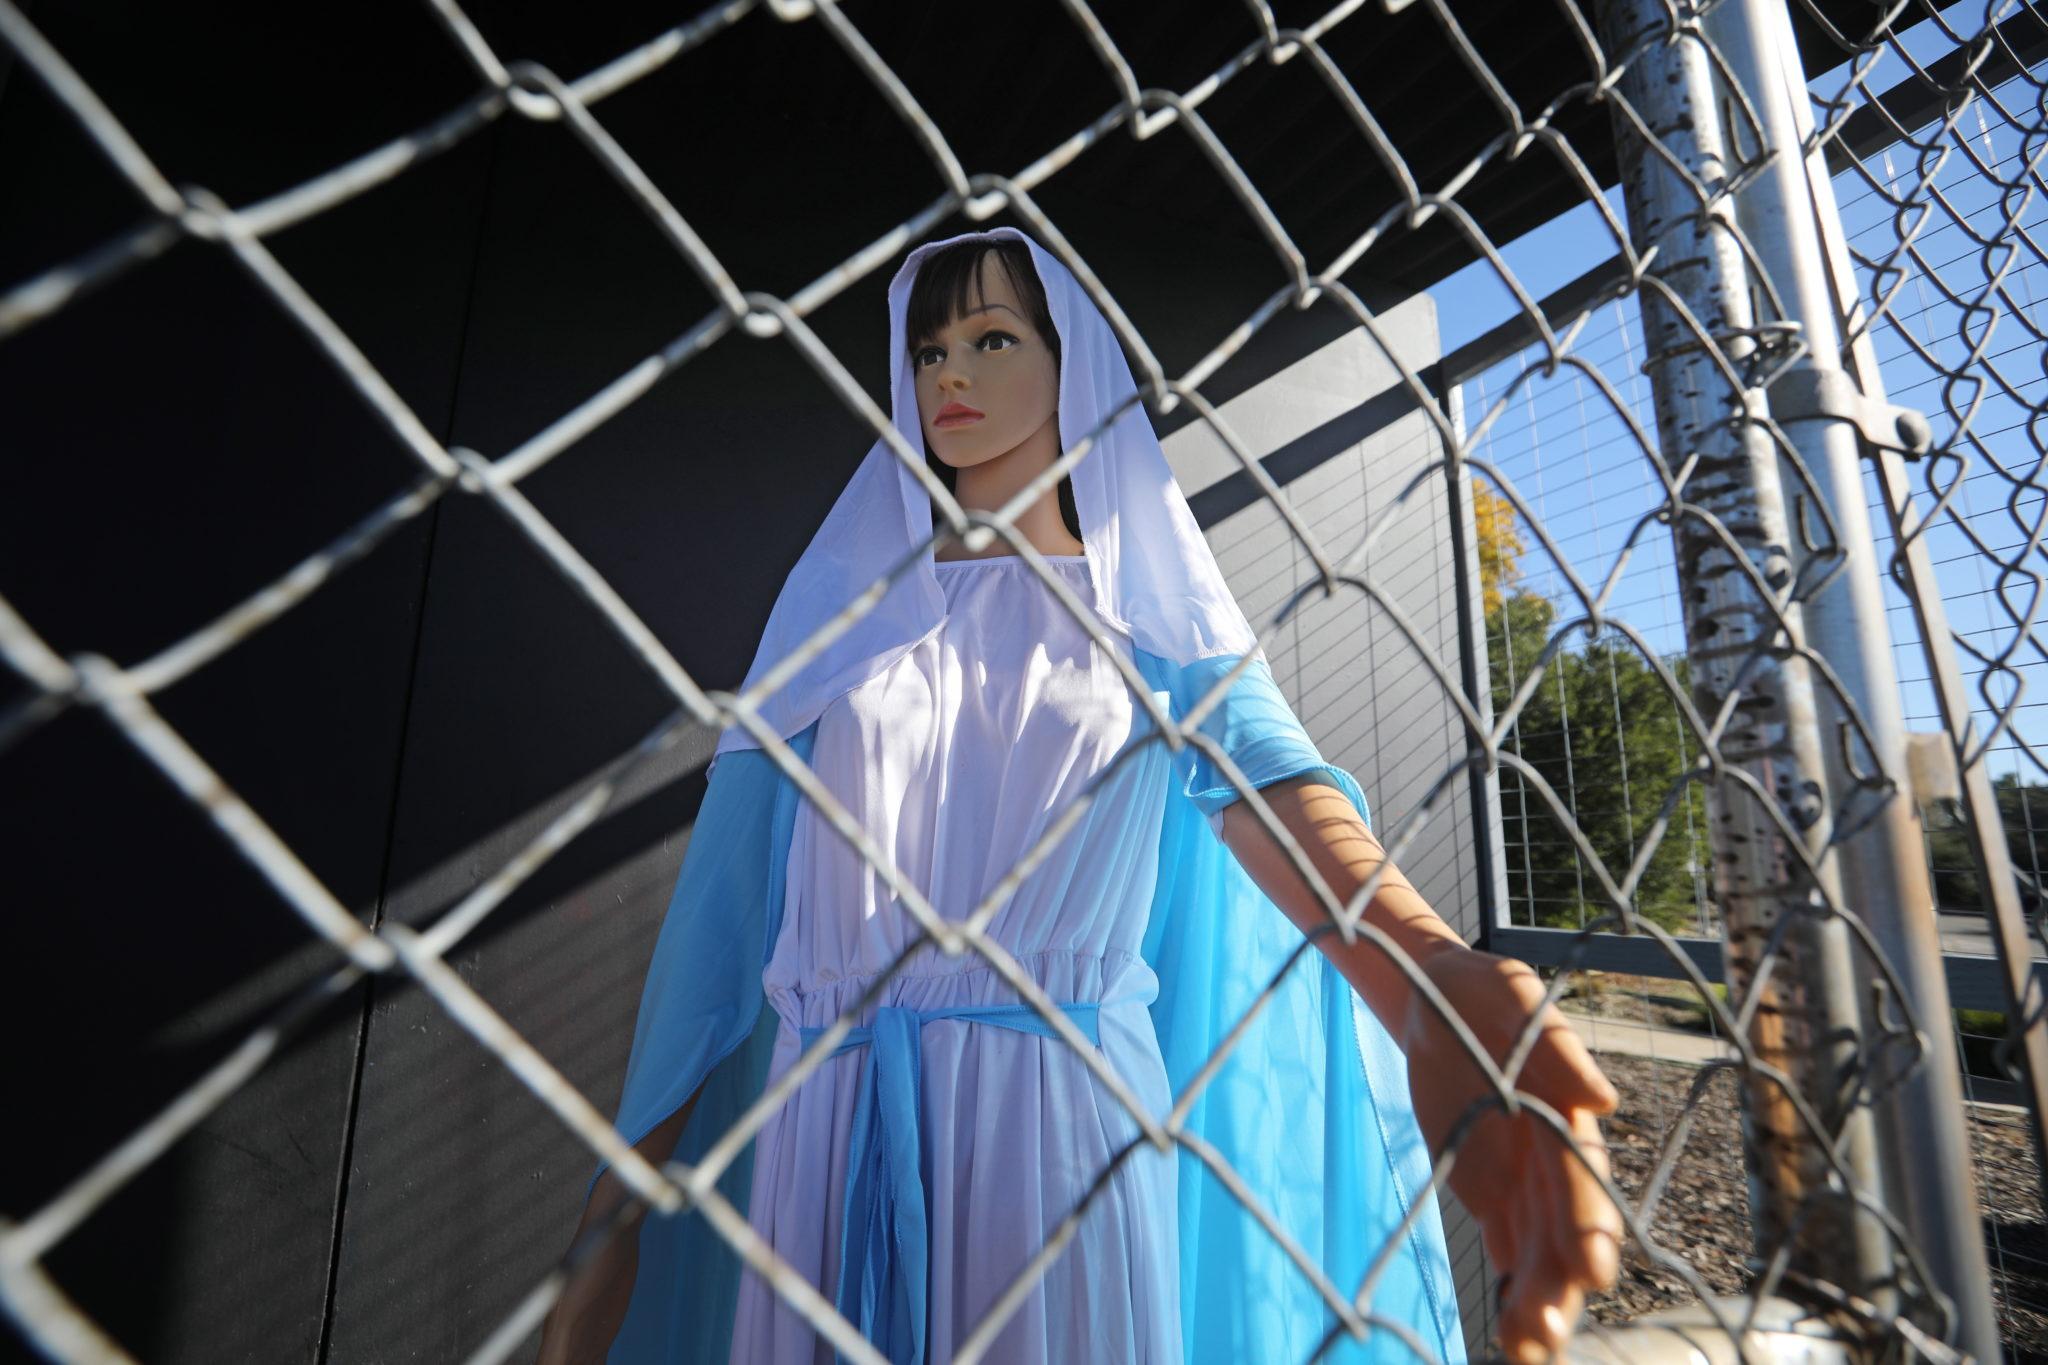 Klatka z figurą Maryi , Jezusa i Józefa - metodyści w Clermont na Florydzie przygotowali taką szopkę bożonarodzeniową, fot.  EPA/DAVID SWANSON